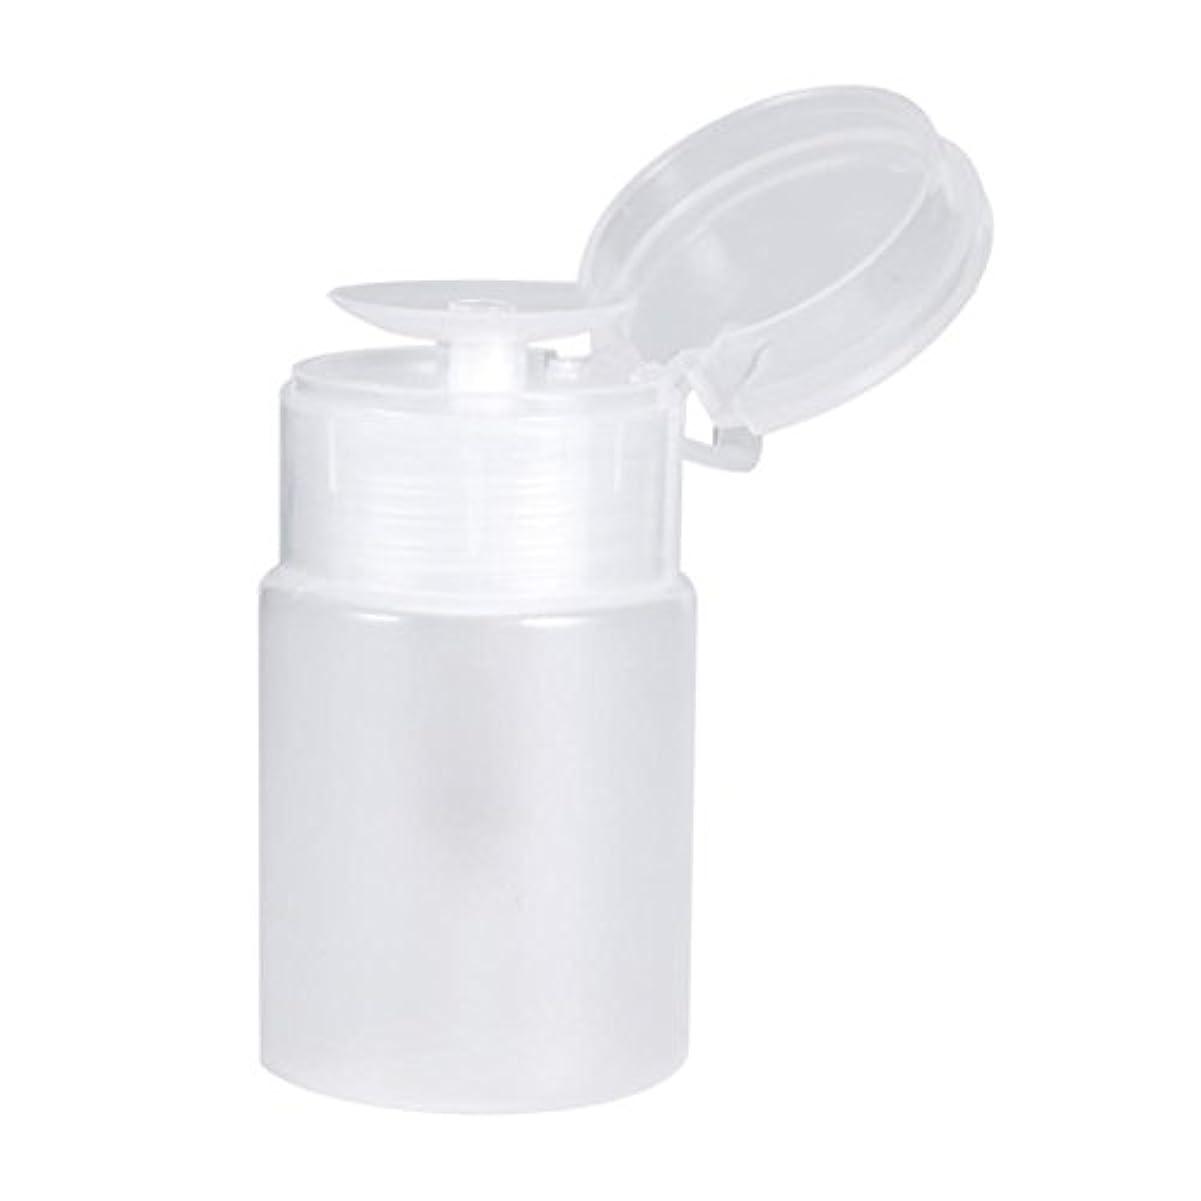 可聴部分的に忌避剤ネイルディスペンサーボトル、プッシュダウンディスペンサーネイルポリッシュリムーバーポンプ空のボトルディスペンサー液体ボトル容器60ミリリットル(白)